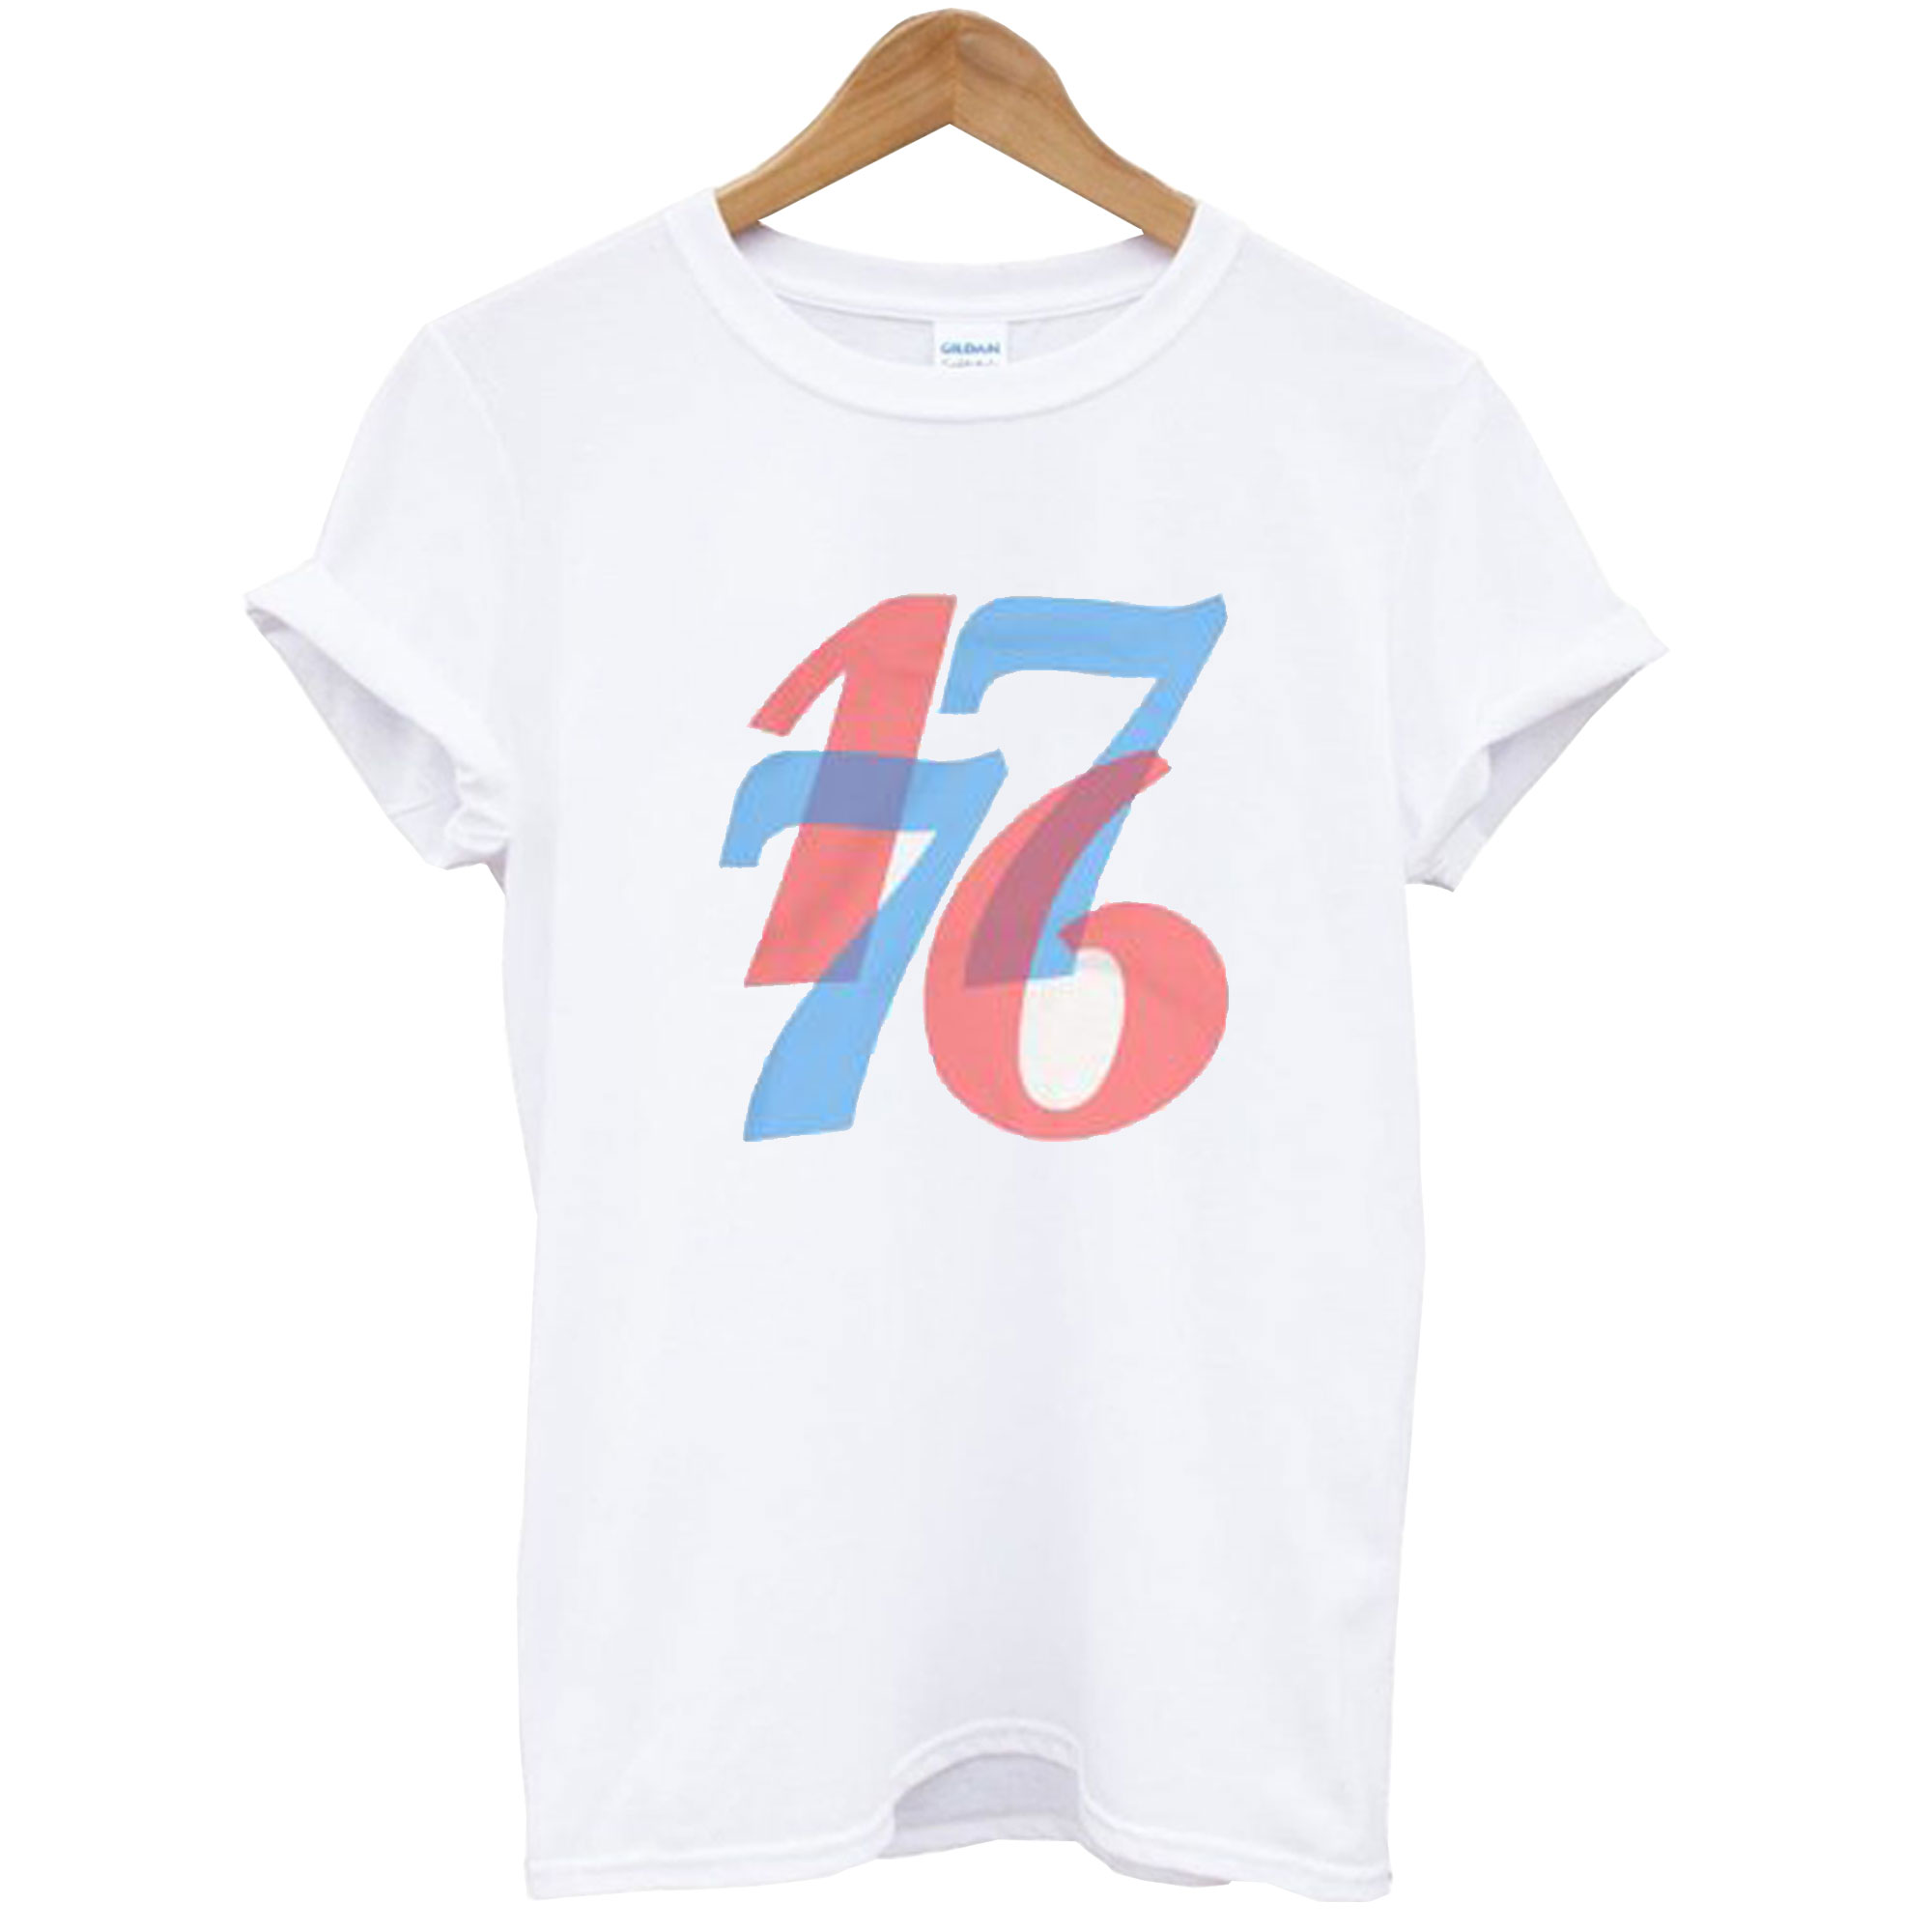 1776 T Shirt